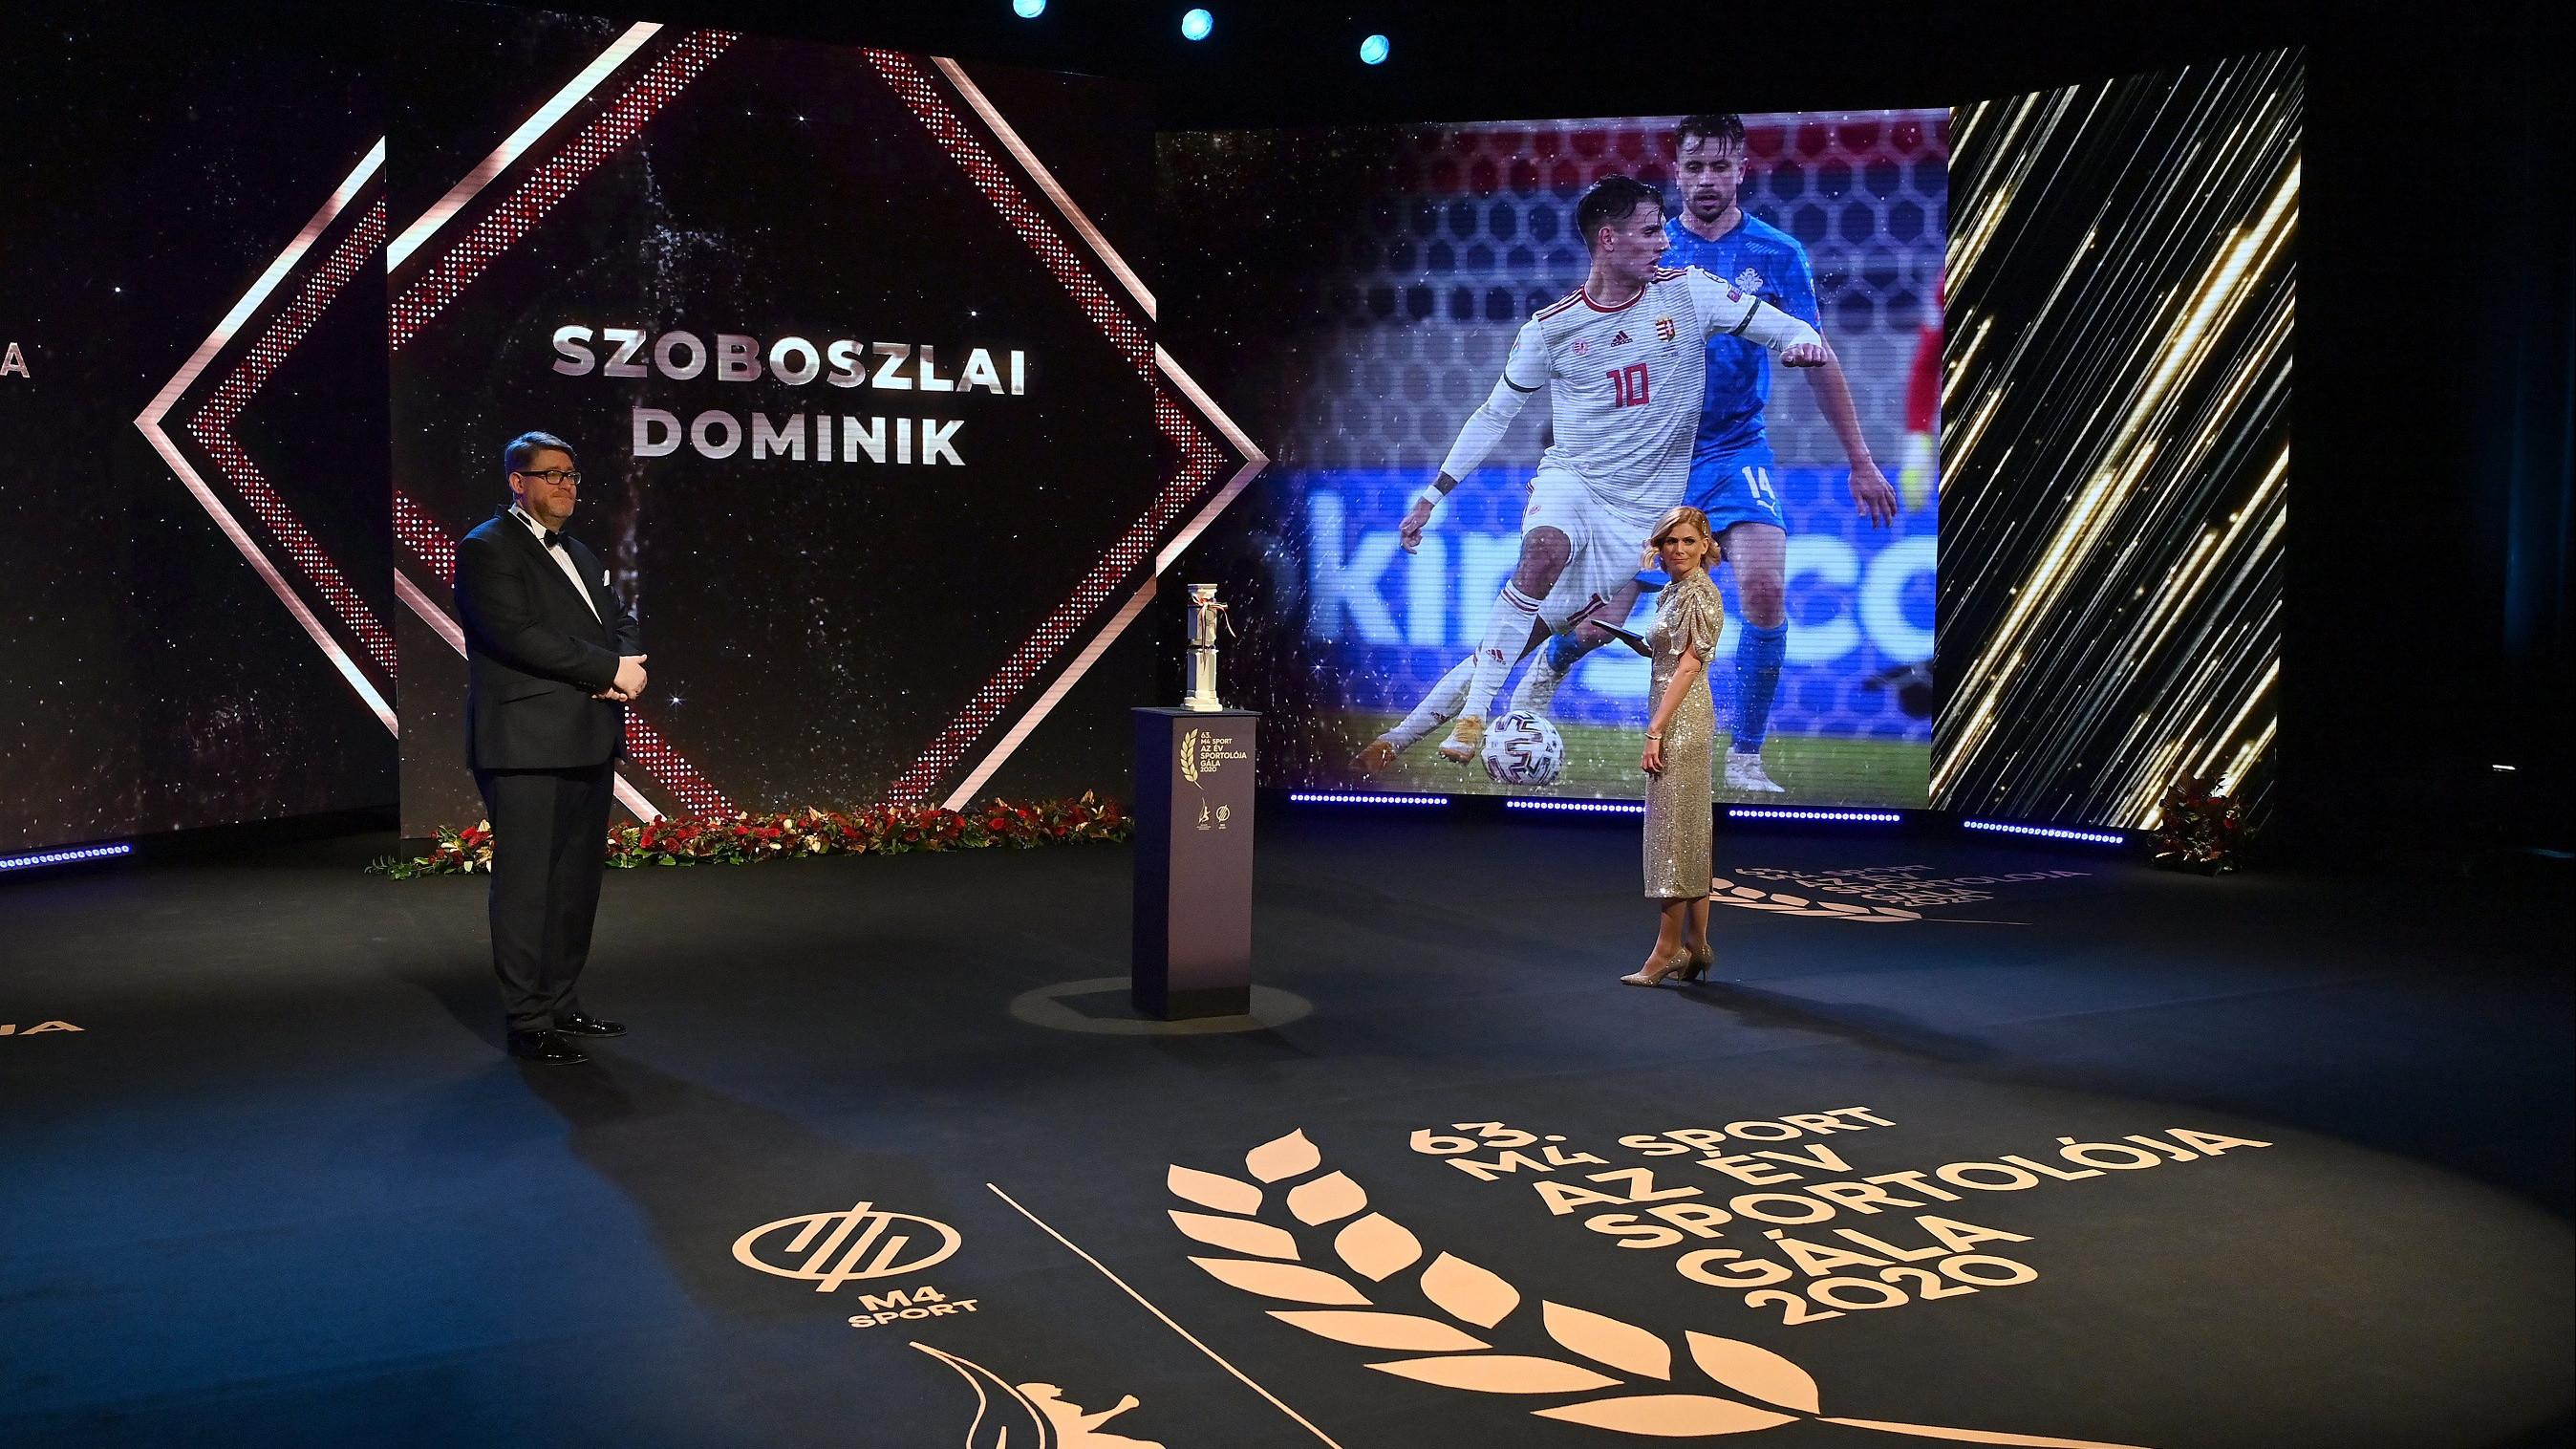 Szoboszlai és Karakas a győztes az Év sportolója választáson